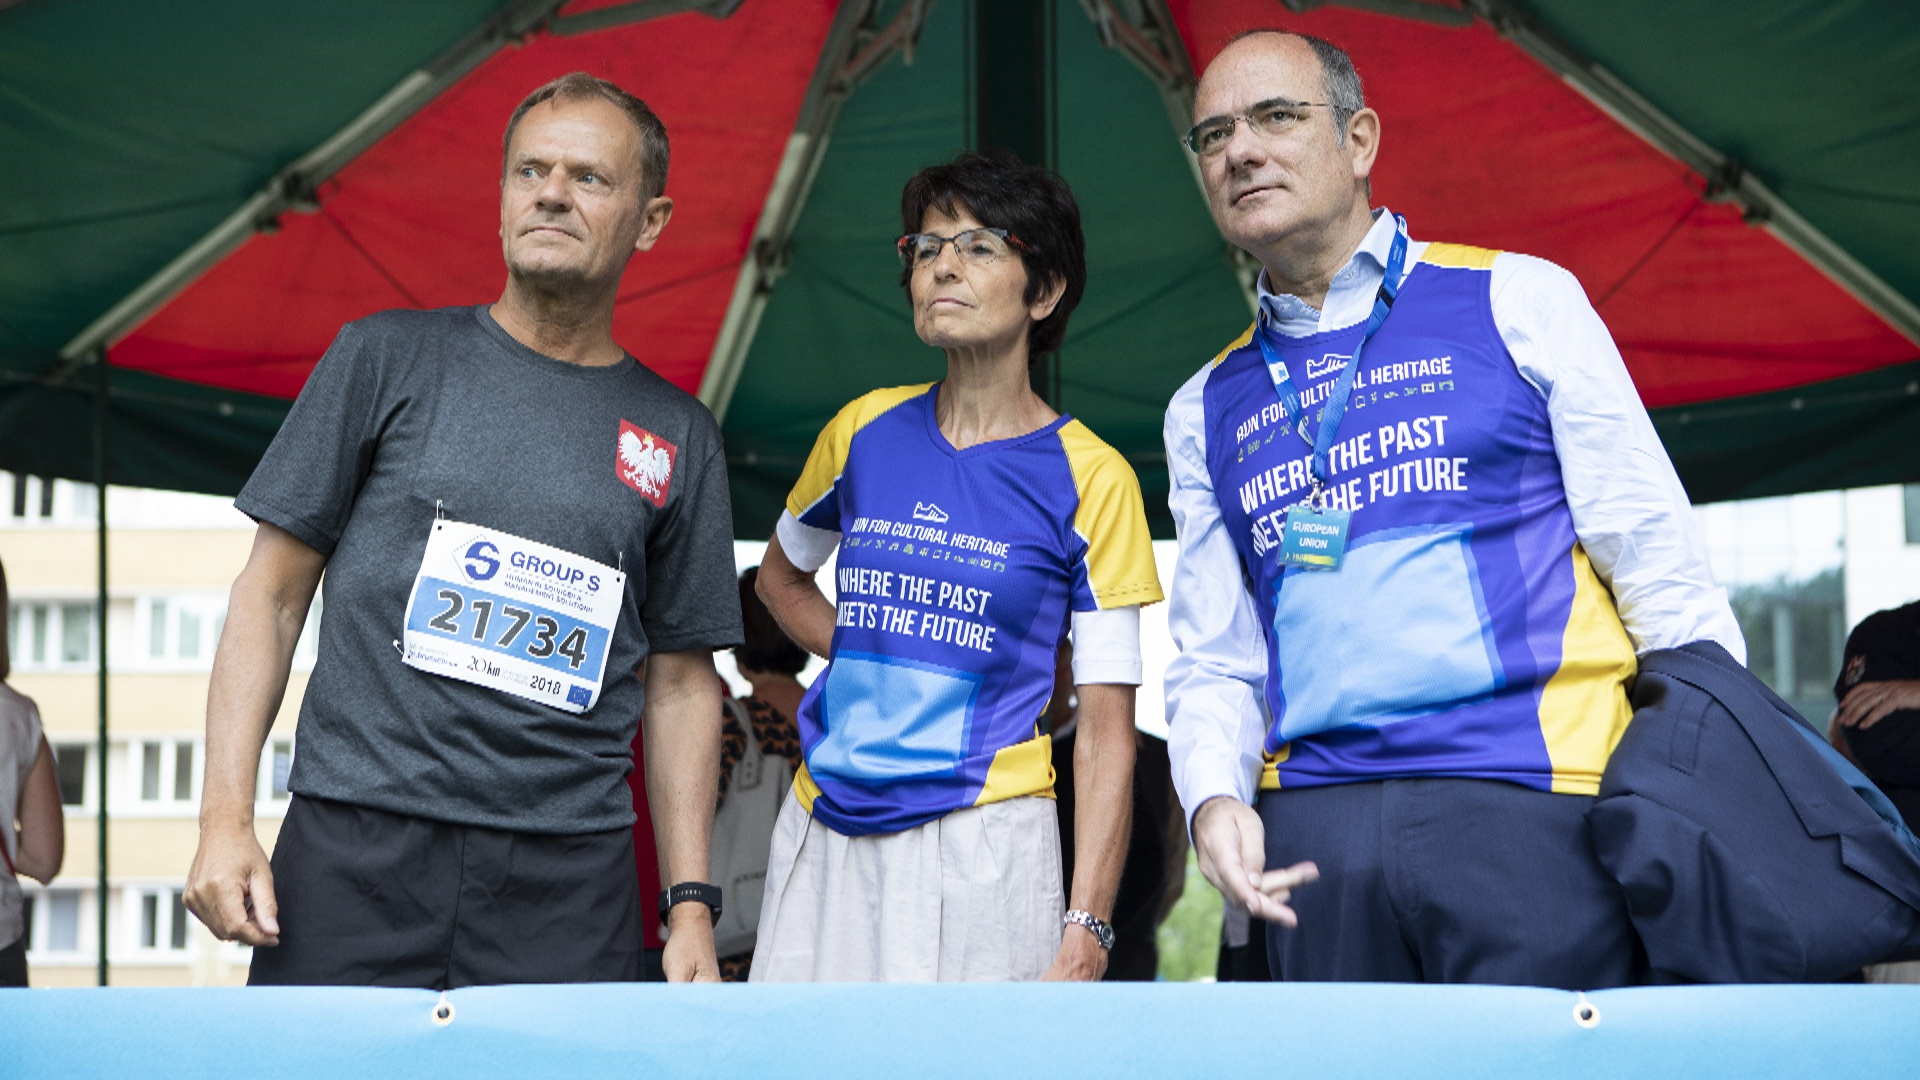 Председатель Евросовета Дональд Туск поучаствовал в полумарафоне